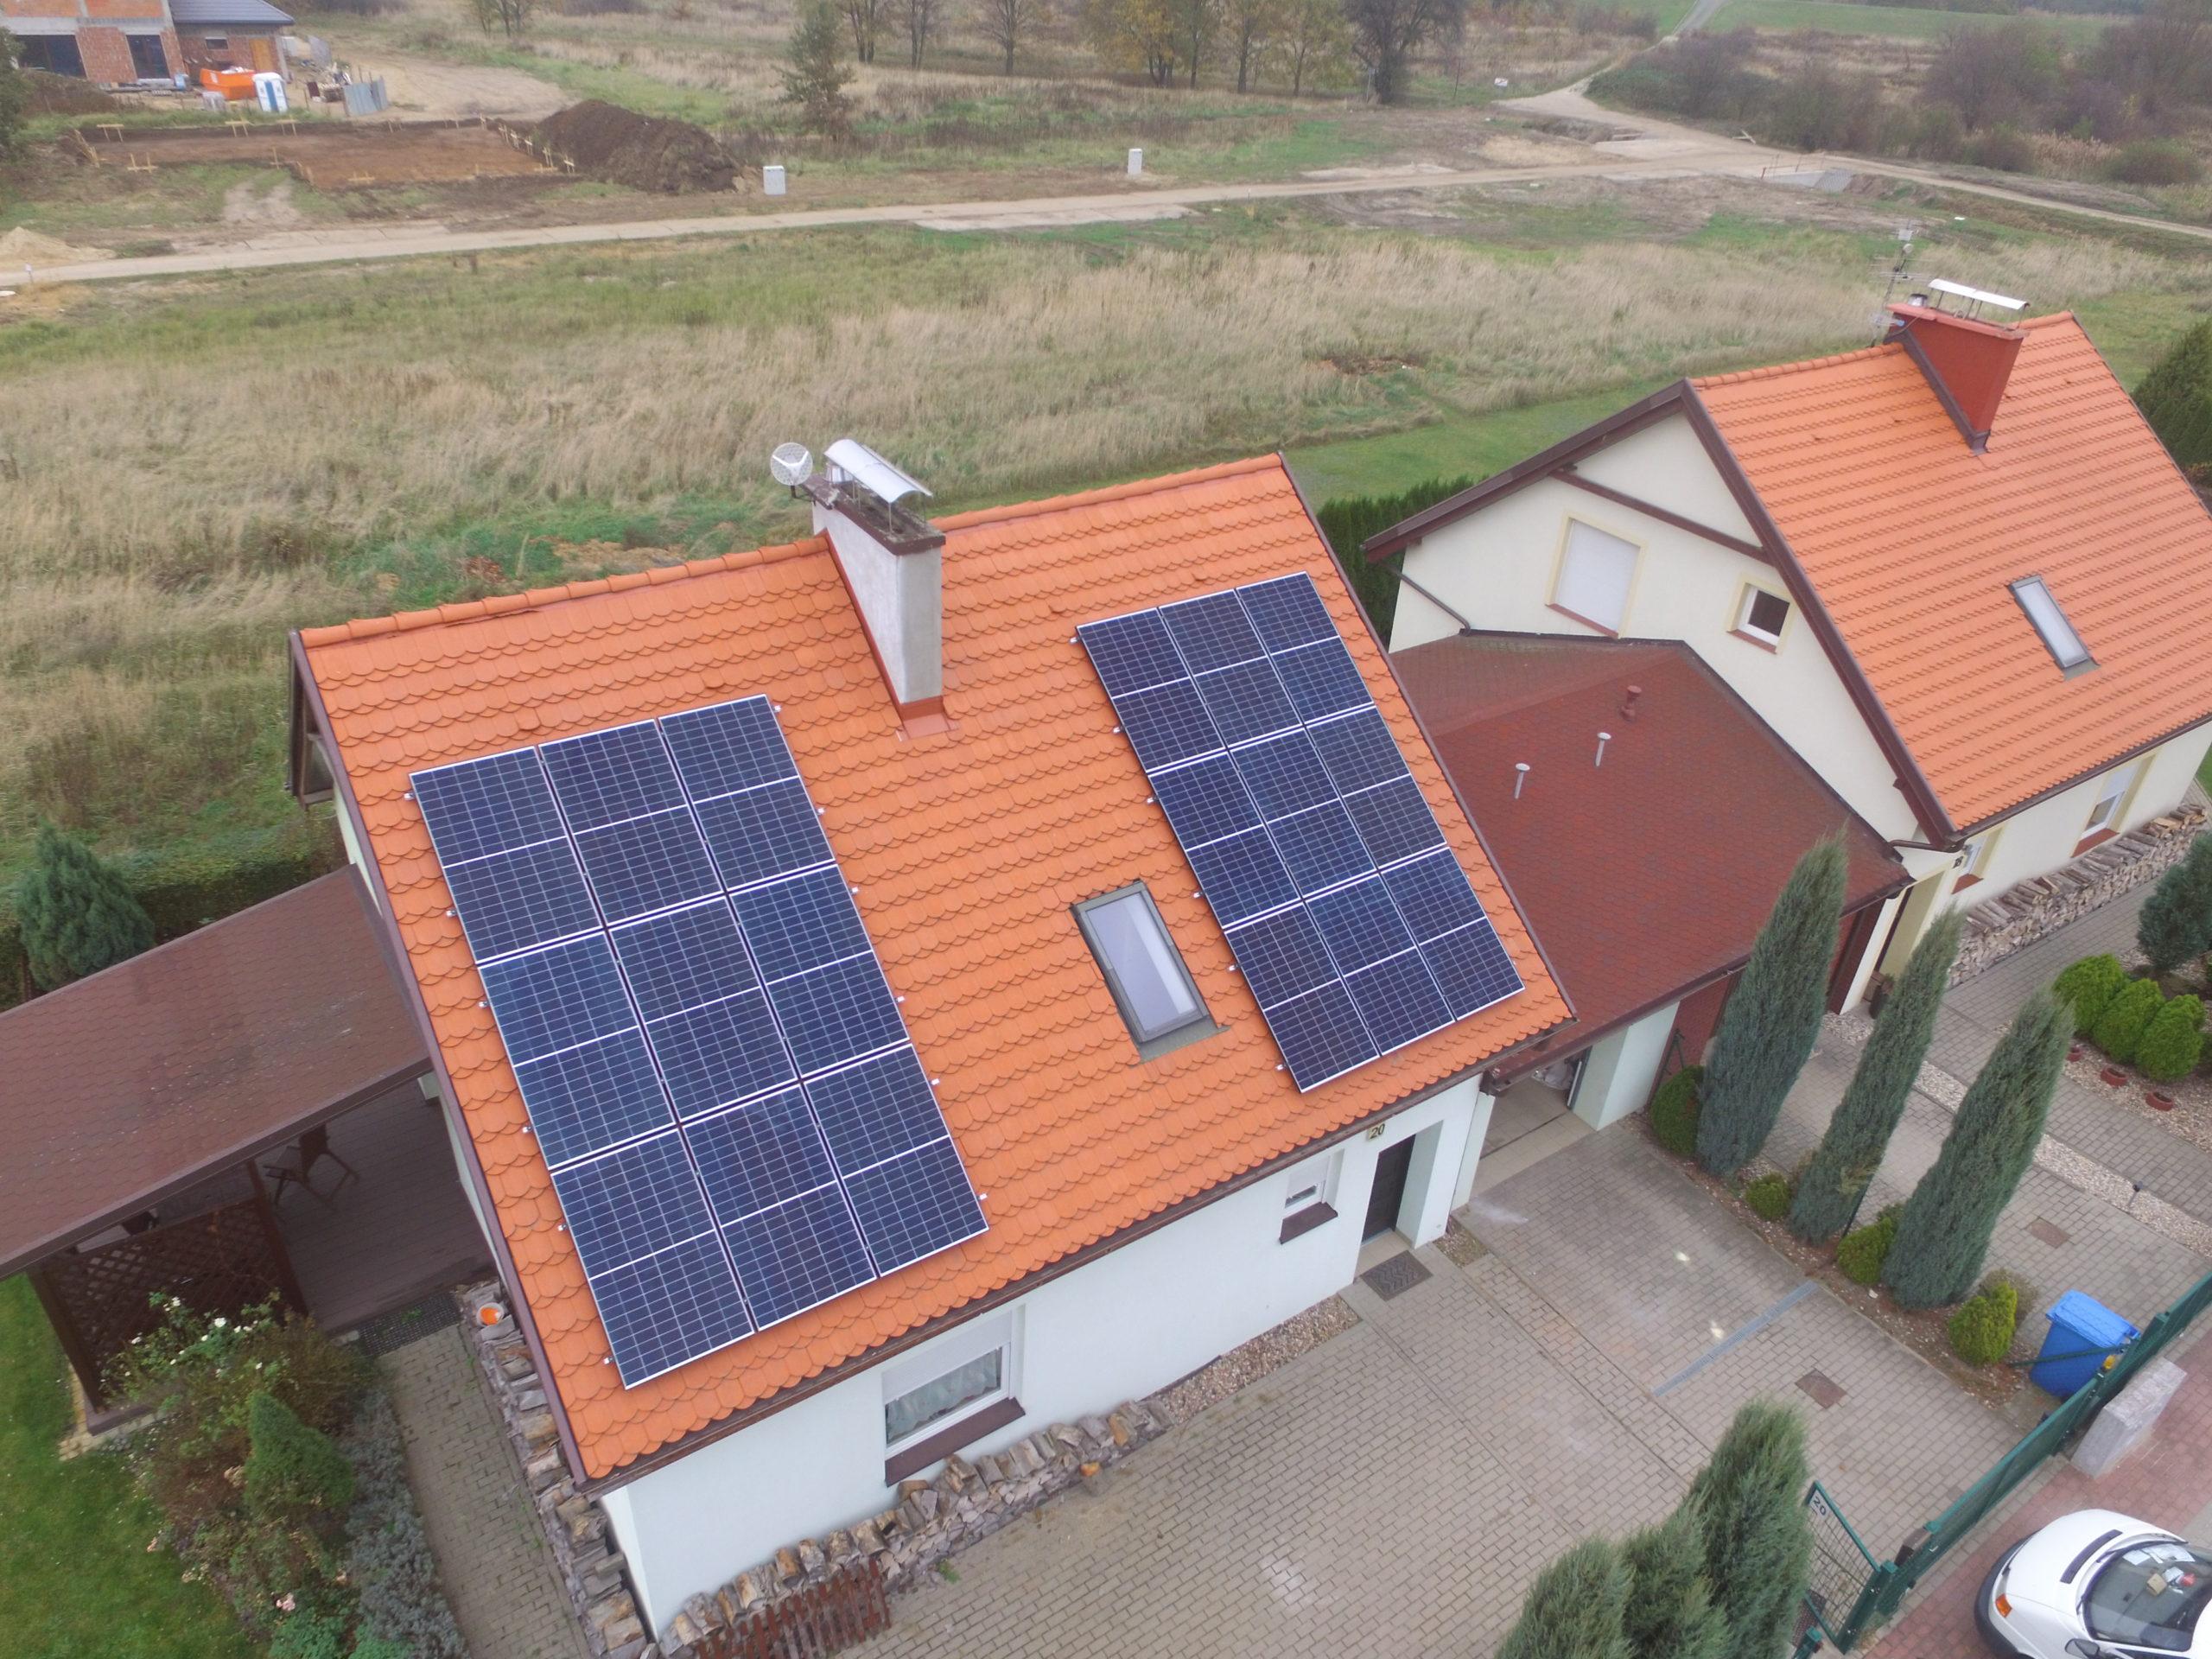 Instalacja fotowoltaiczna o mocy 6 kWp na budynku mieszkalnym, Siechnice